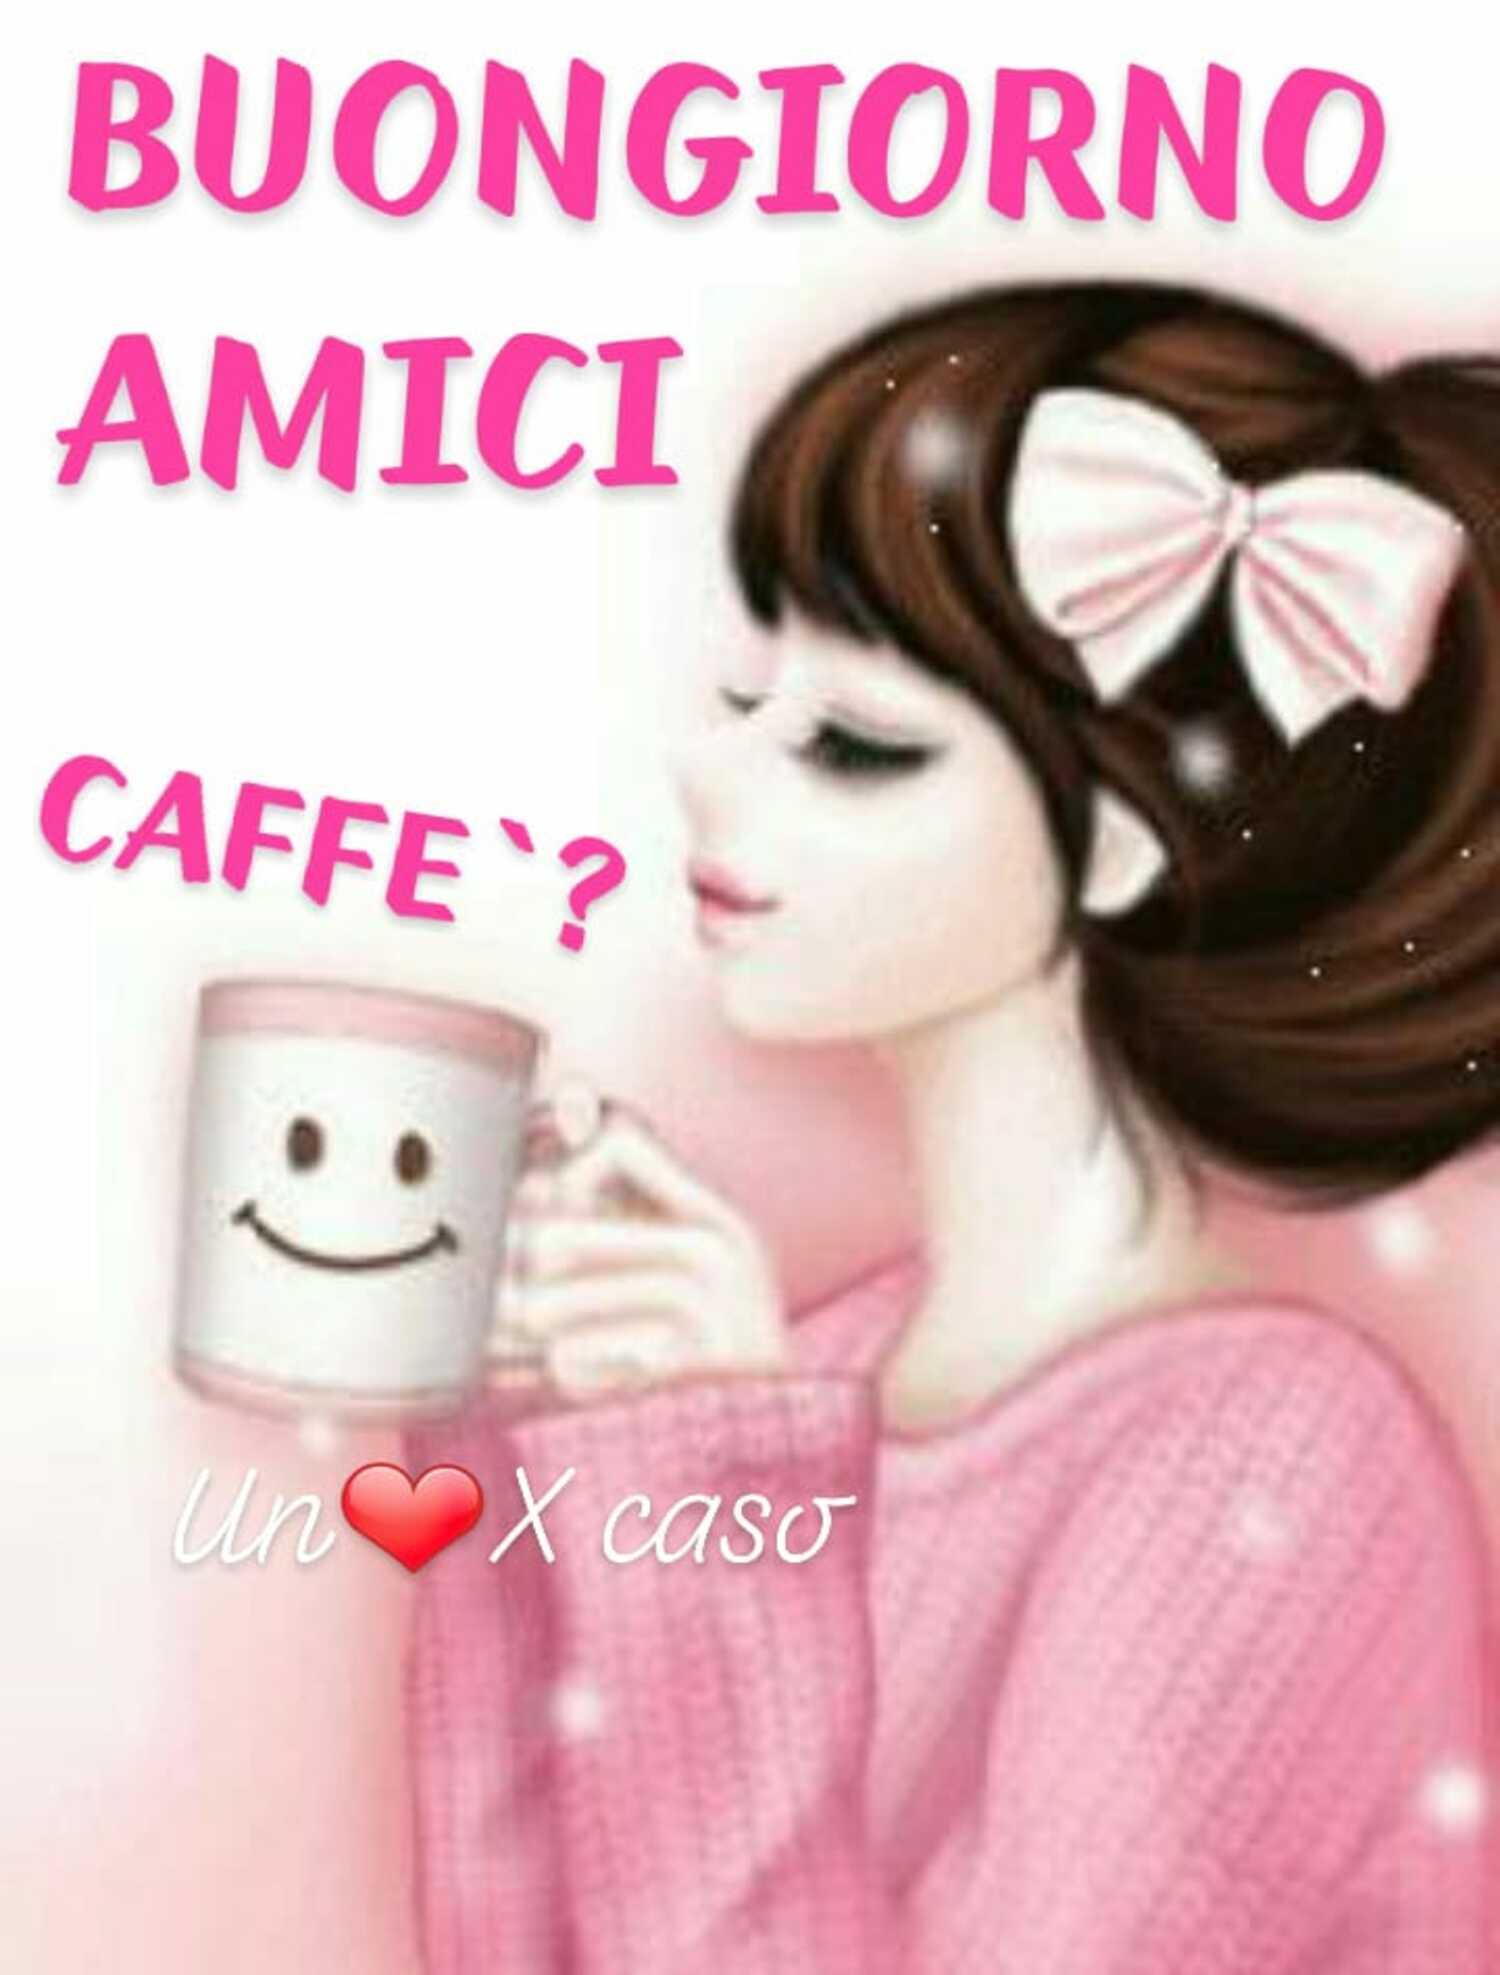 Buongiorno Amici, caffè?